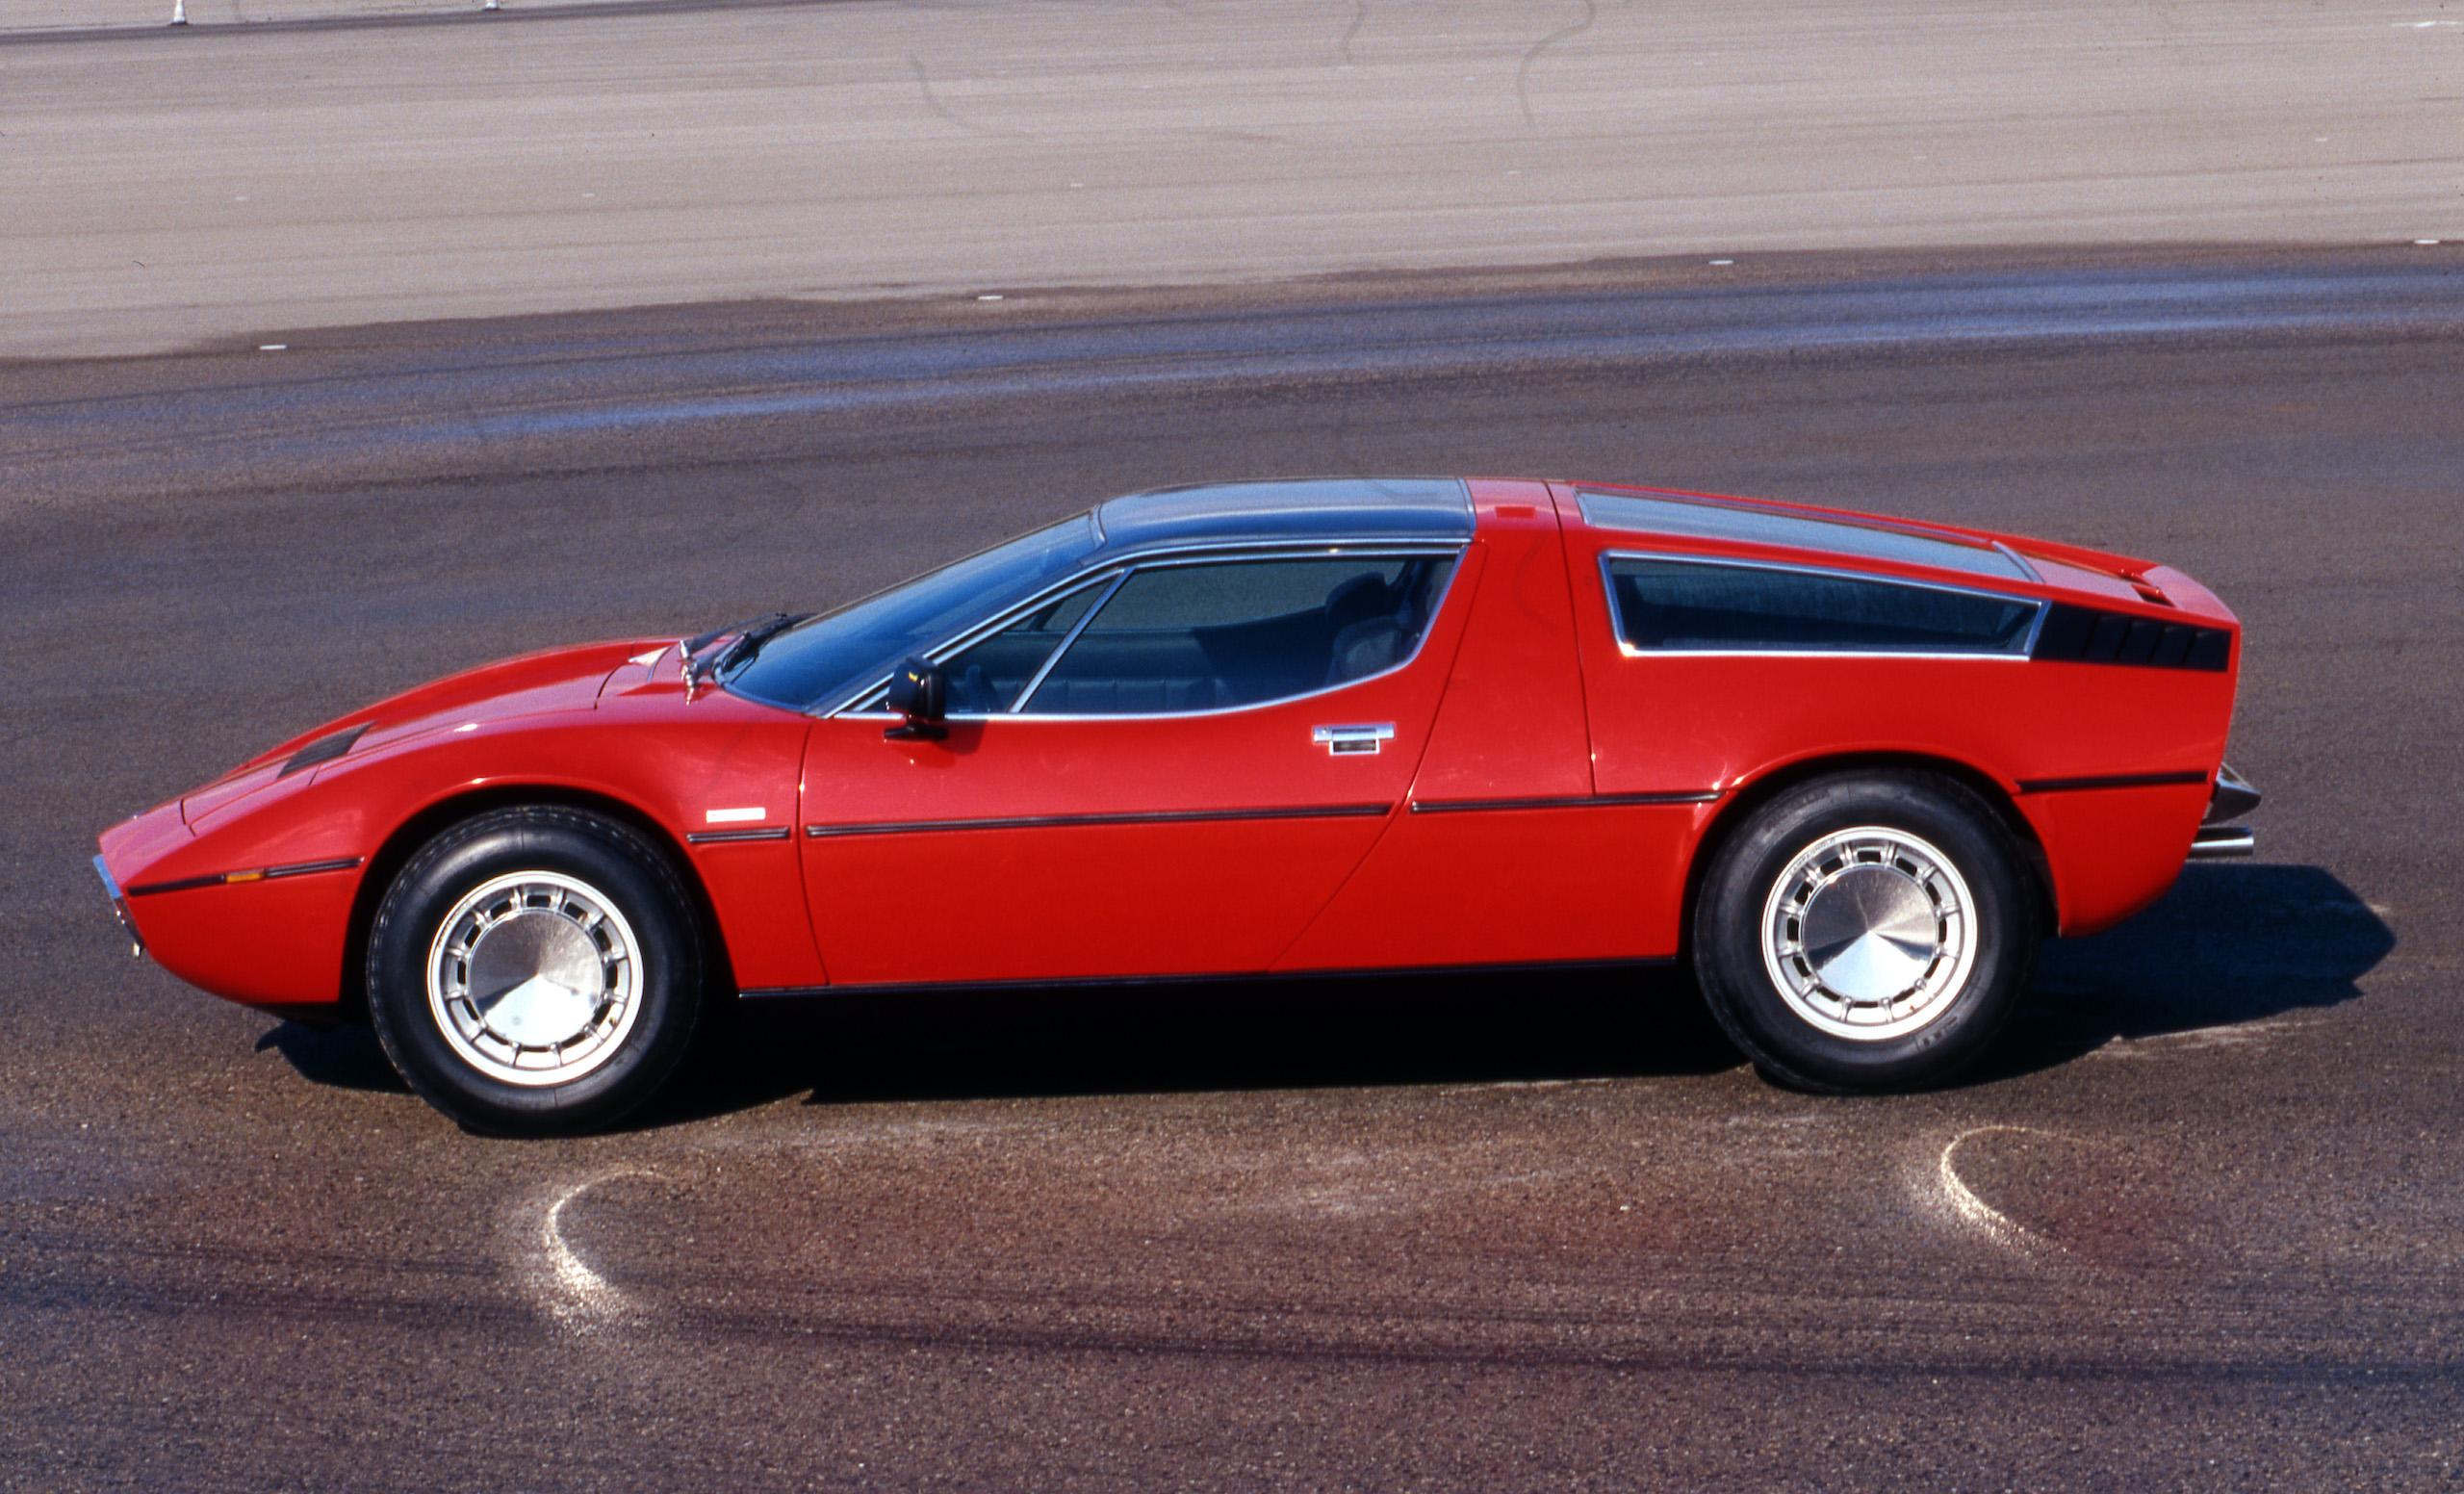 Maserati Bora side profile